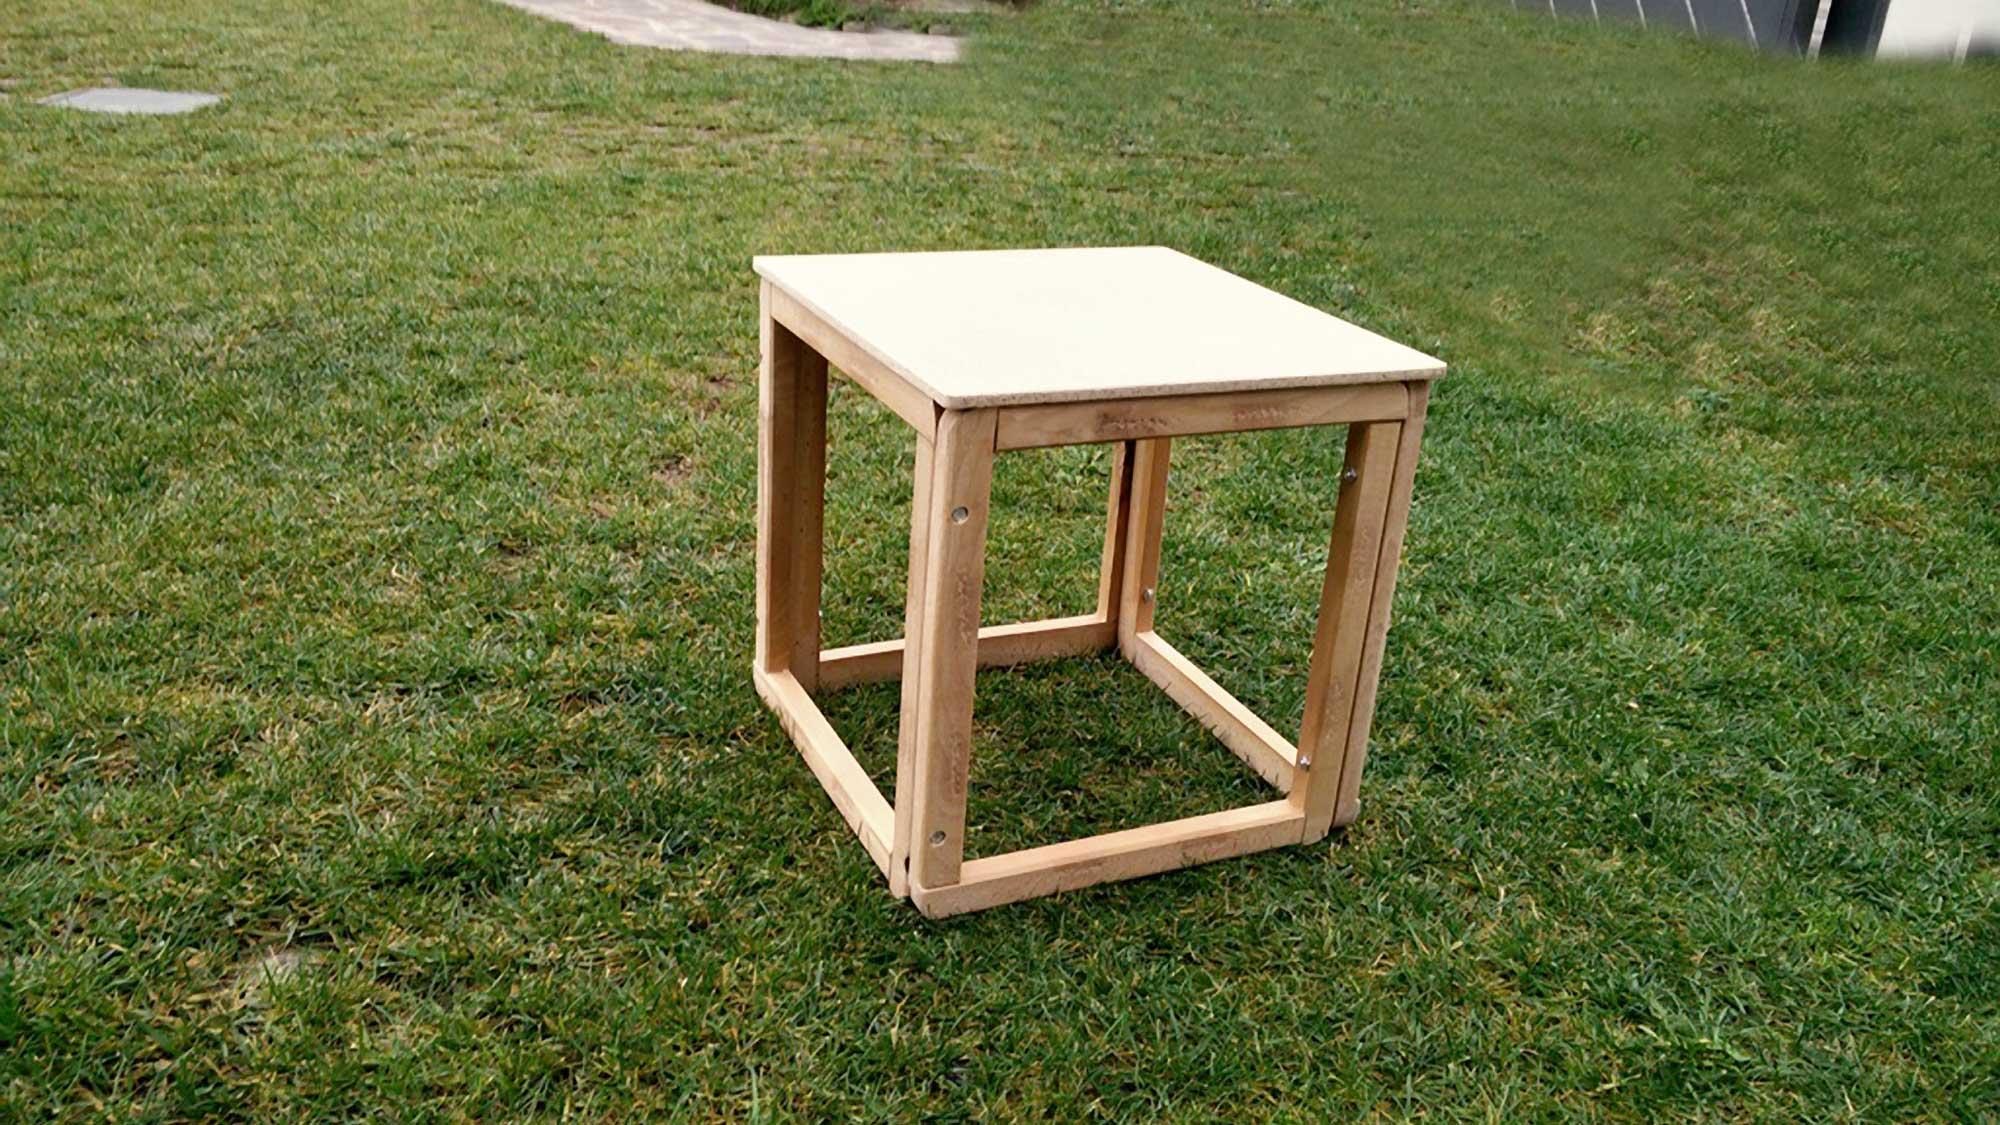 Cubi di legno fai da te | Recupero di vecchie sedute